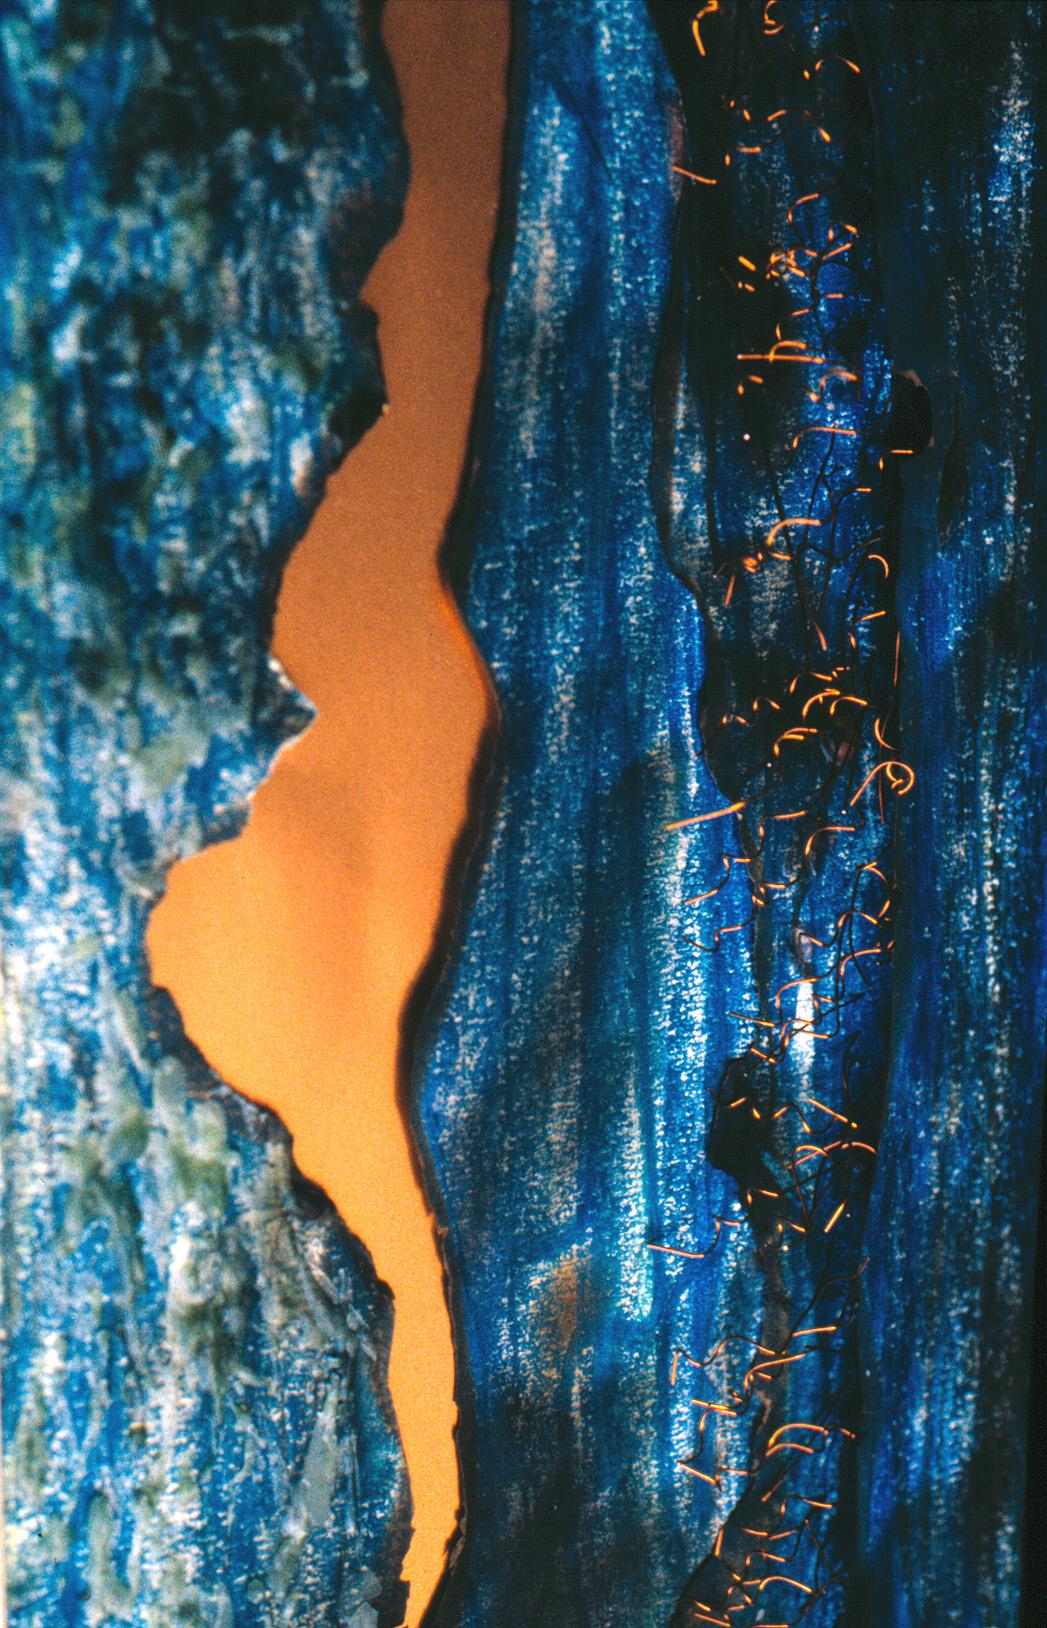 kupferfarben glänzt der Fluss  (60x45cm) *